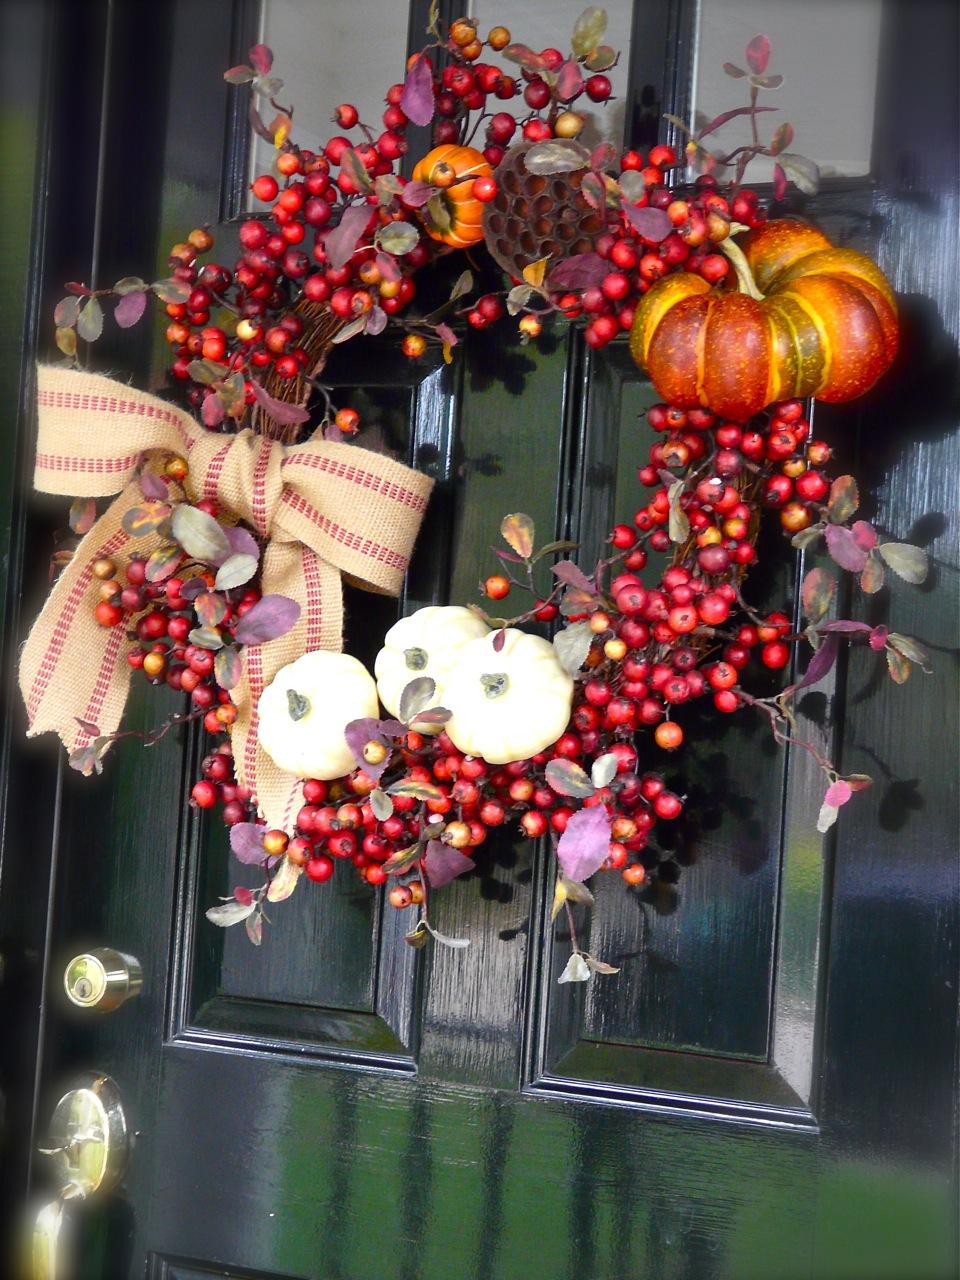 Wreath on the autumn door. (Photo: House TalkN)